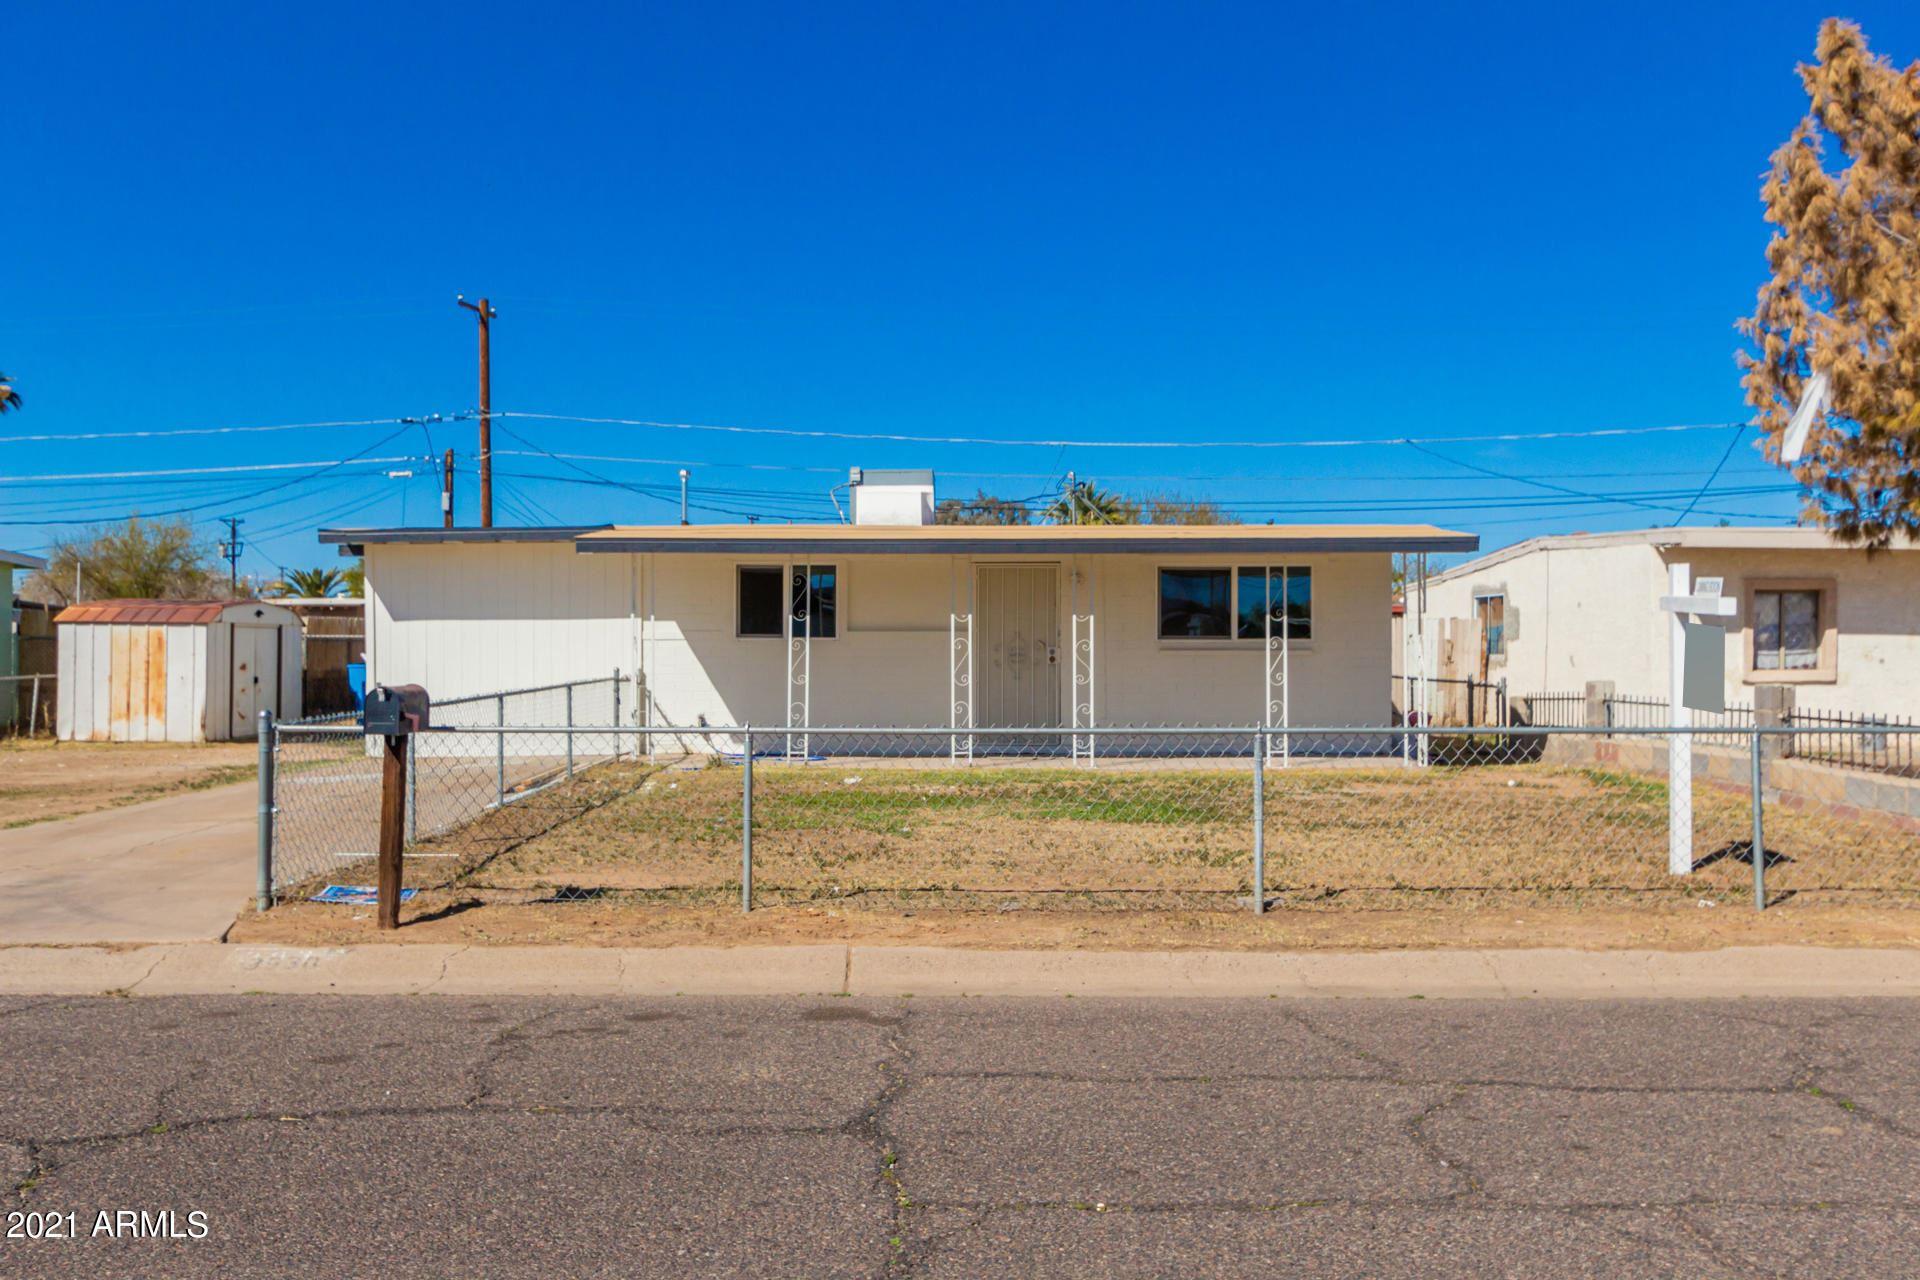 3930 W GRANADA Road, Phoenix, AZ 85009 - MLS#: 6175325